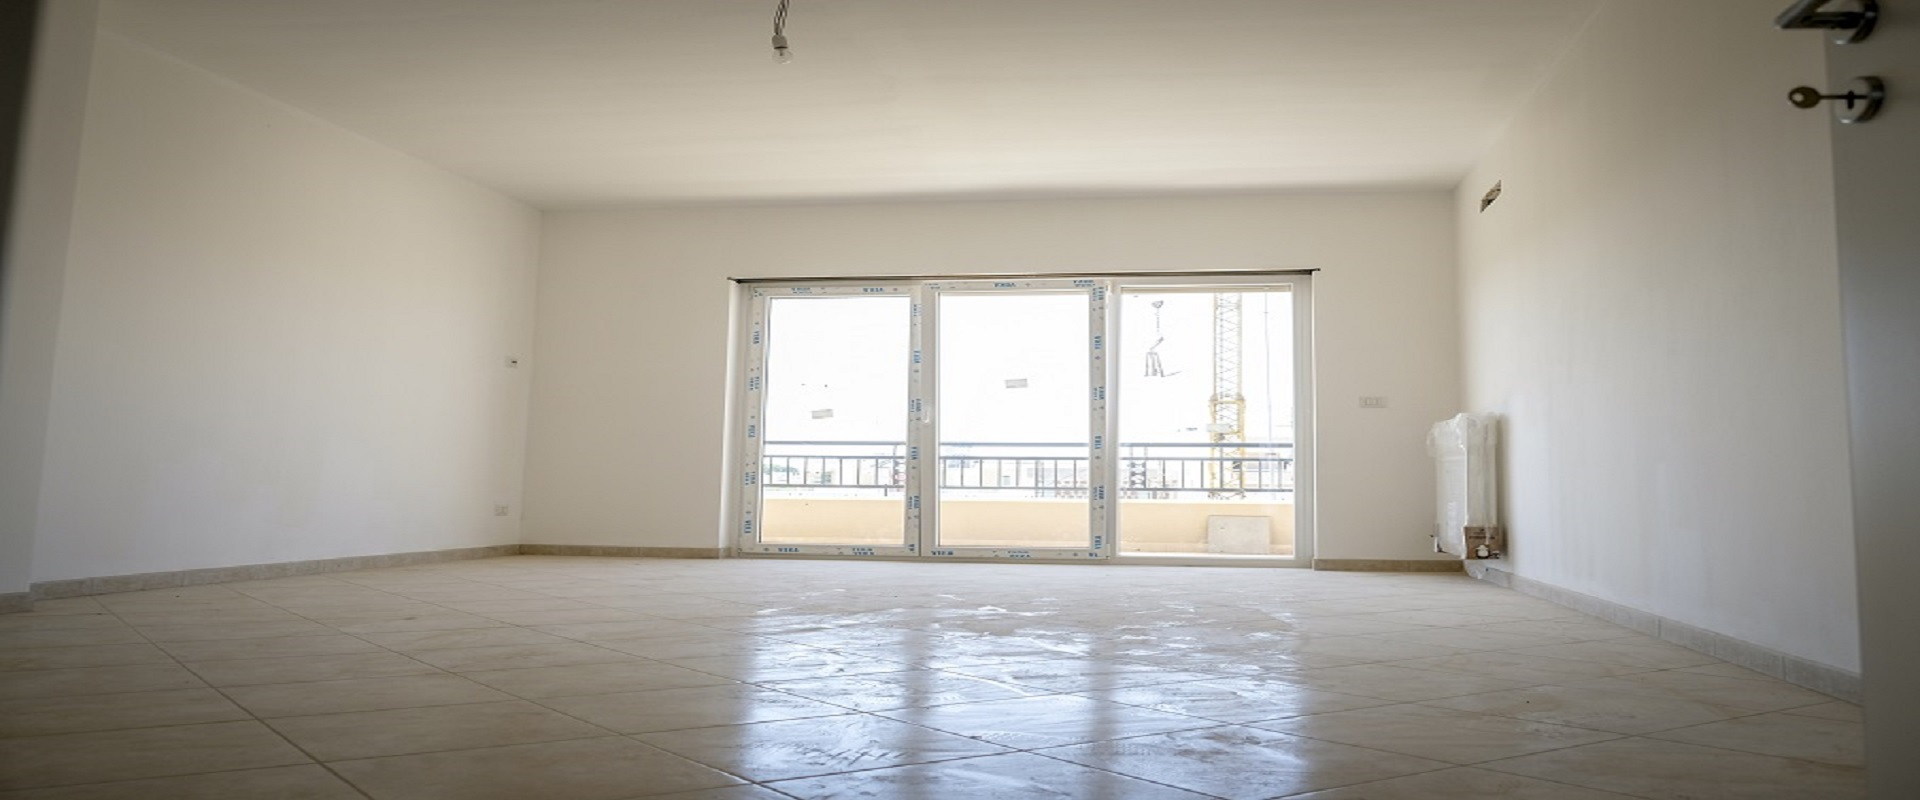 Appartamenti di nuova costruzione di 4 vani + doppi acc.